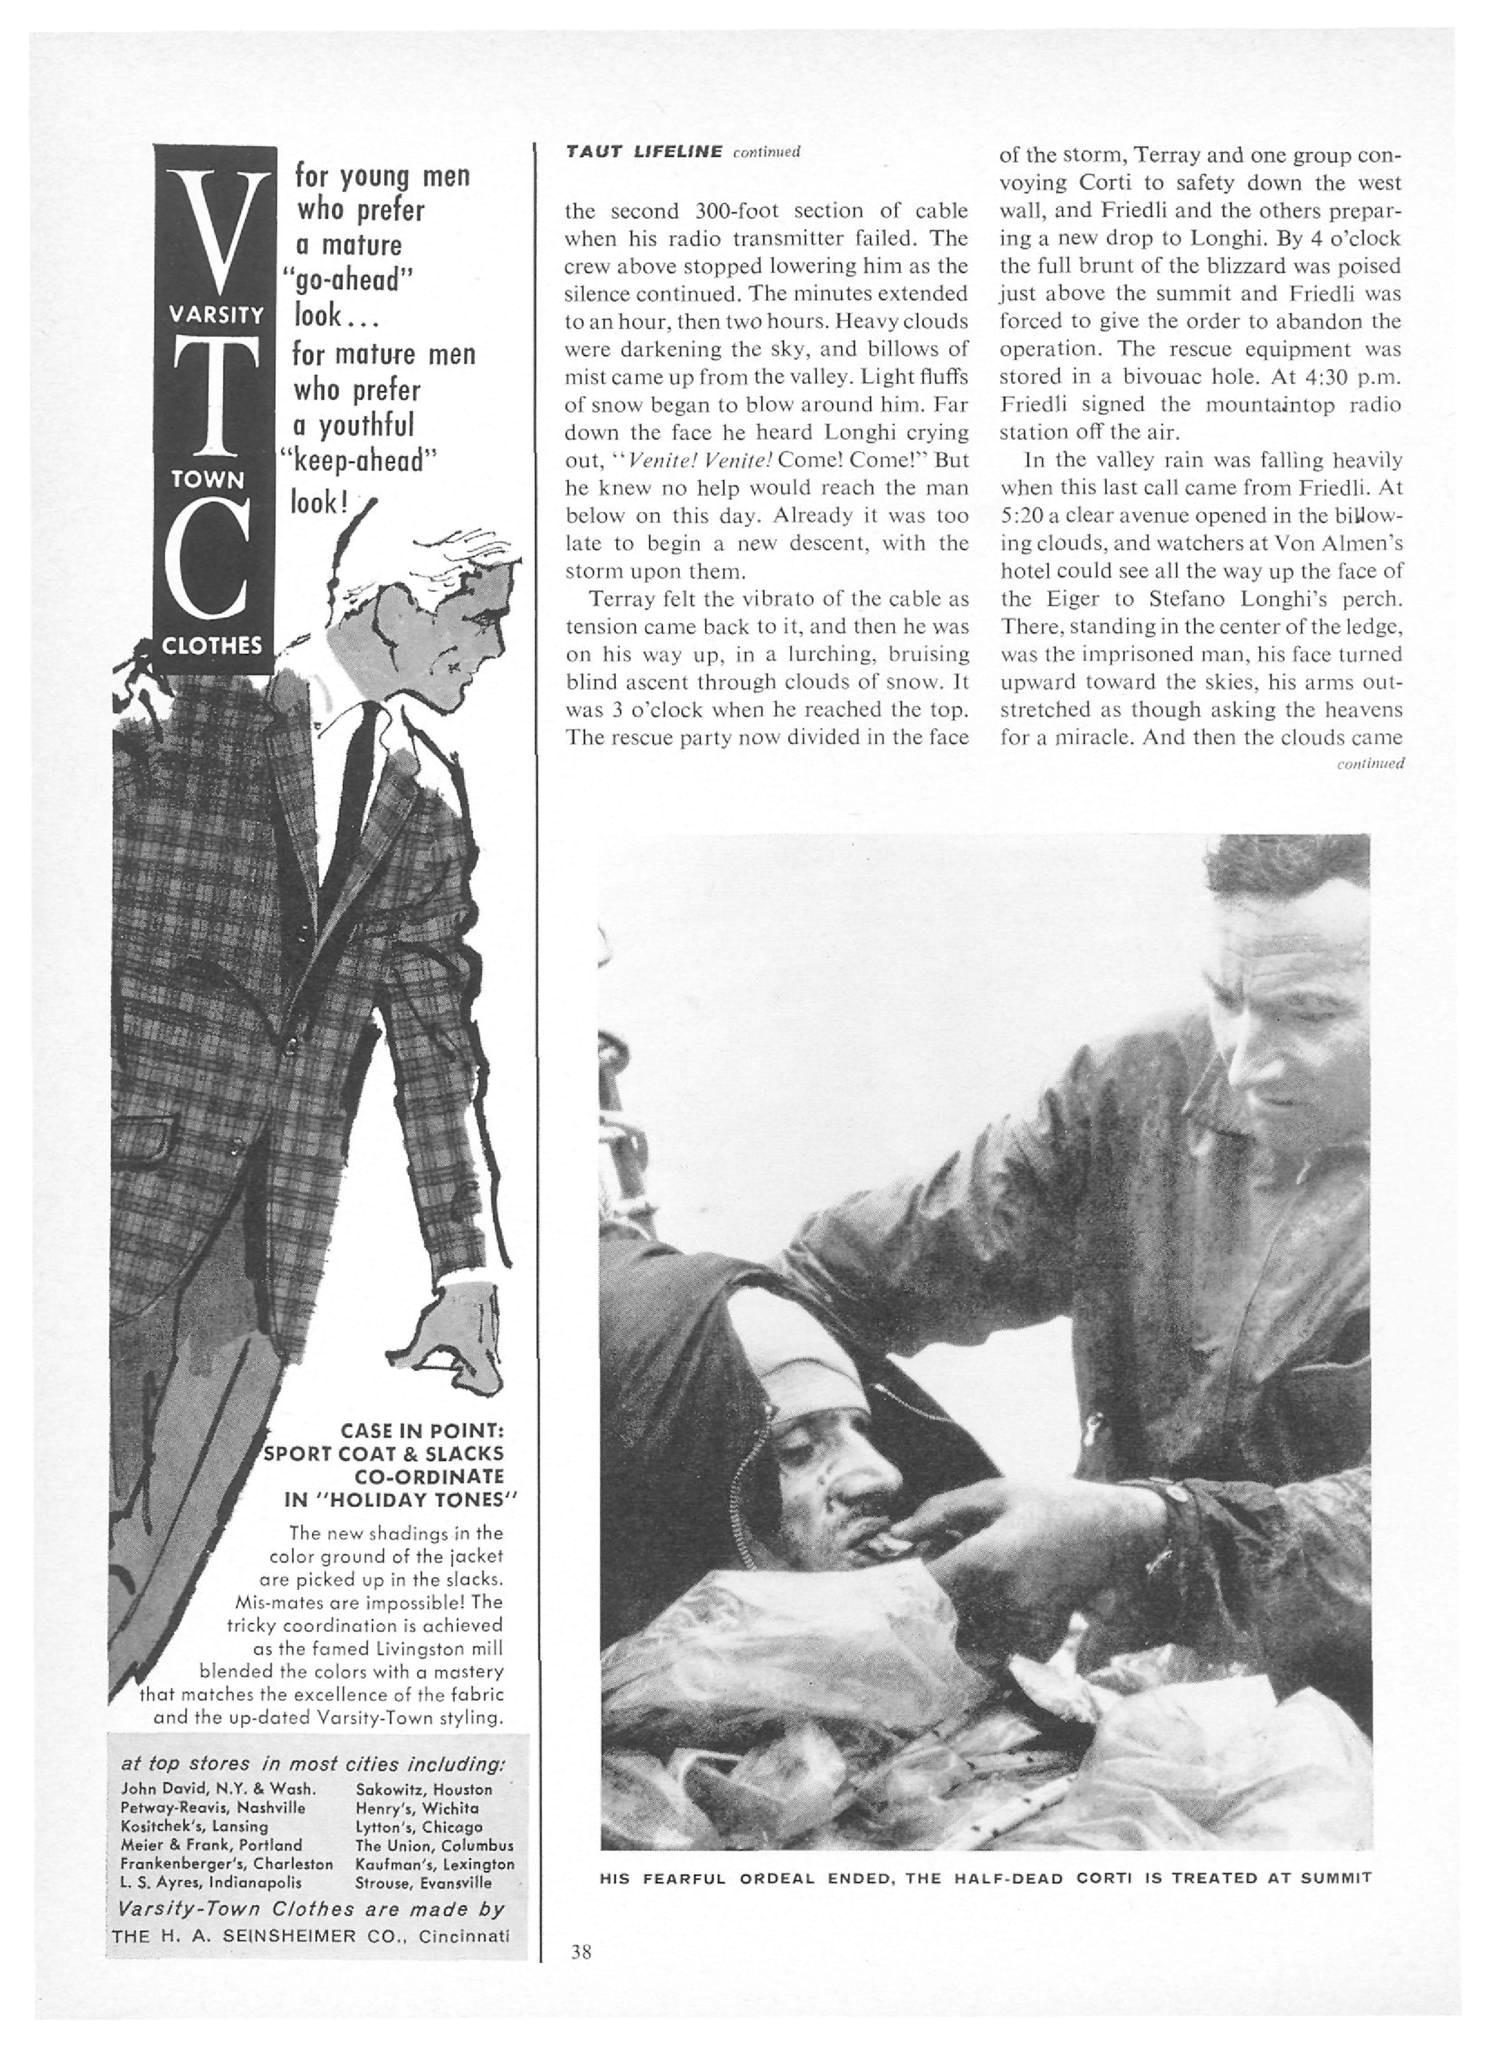 october 14 1962